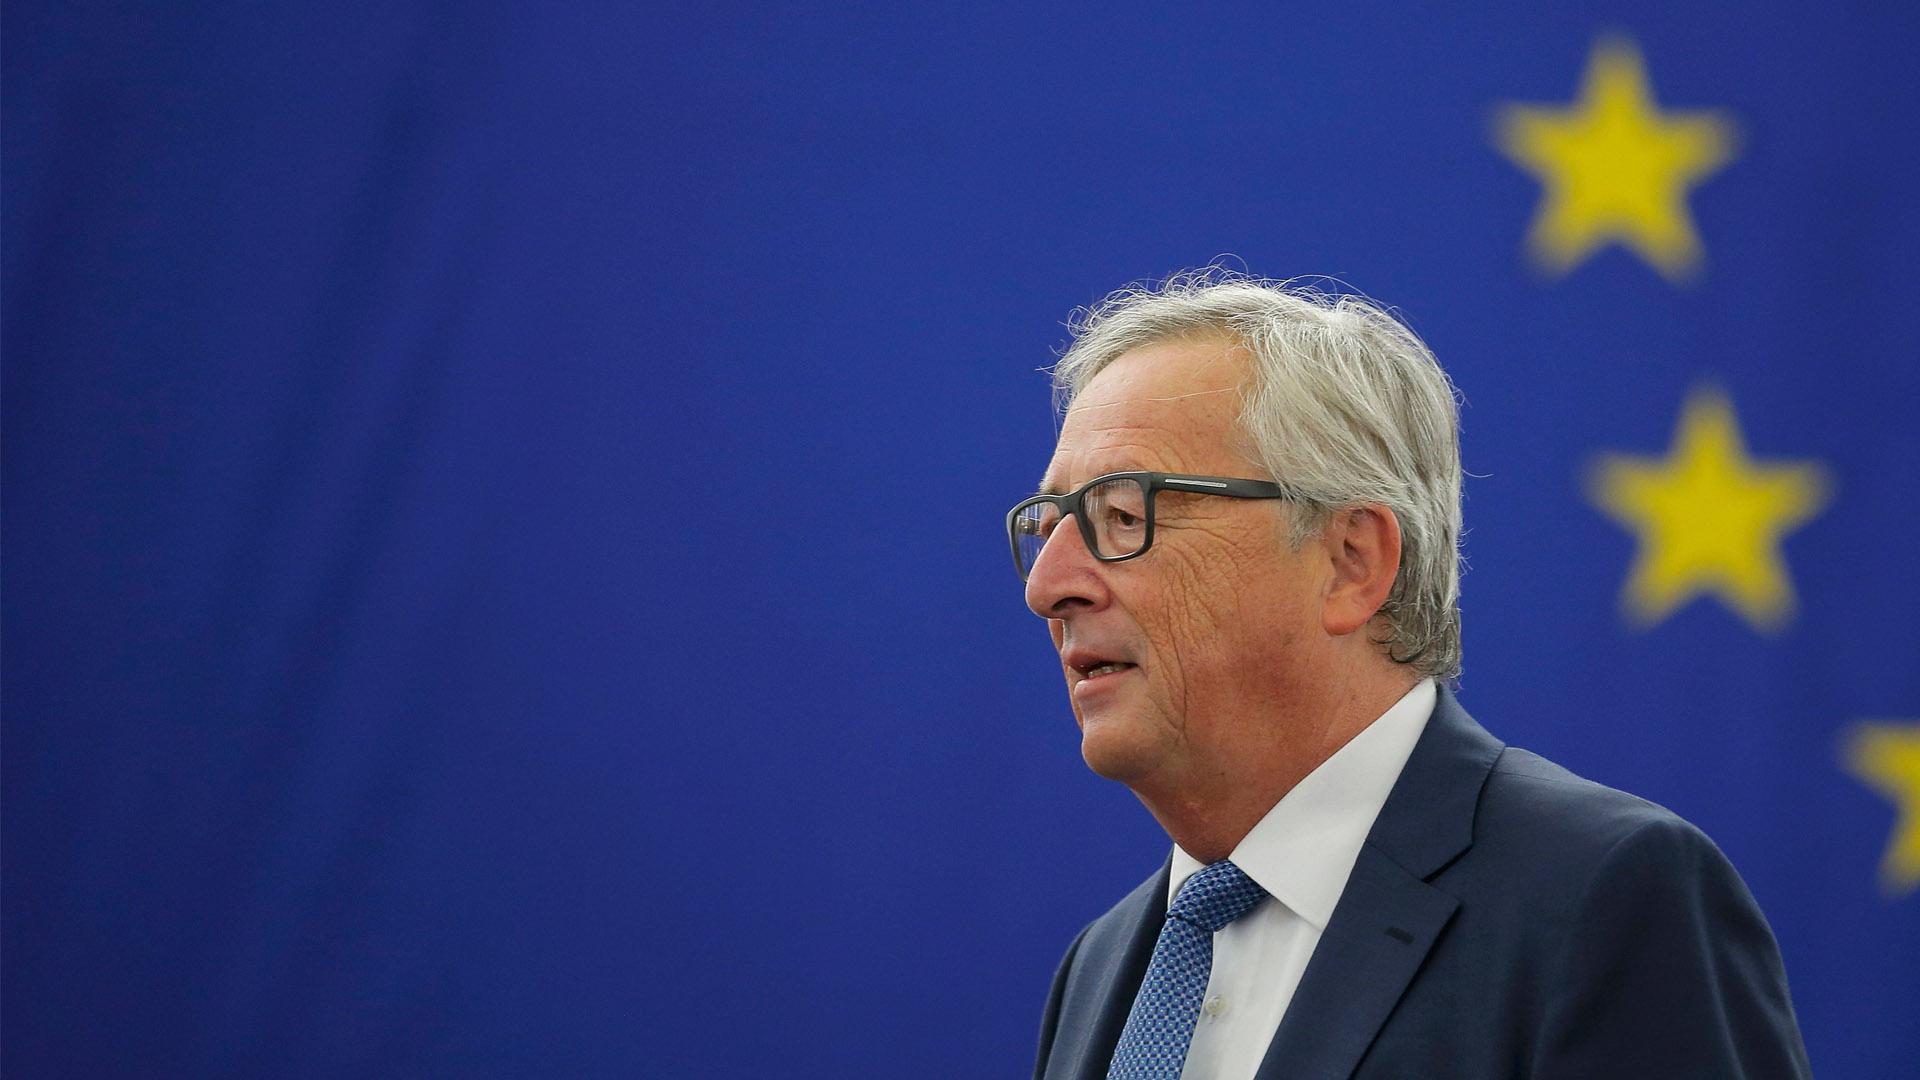 El presidente de la Comisión Europea propuso aumentar el monto destinado a afrontar la crisis económica